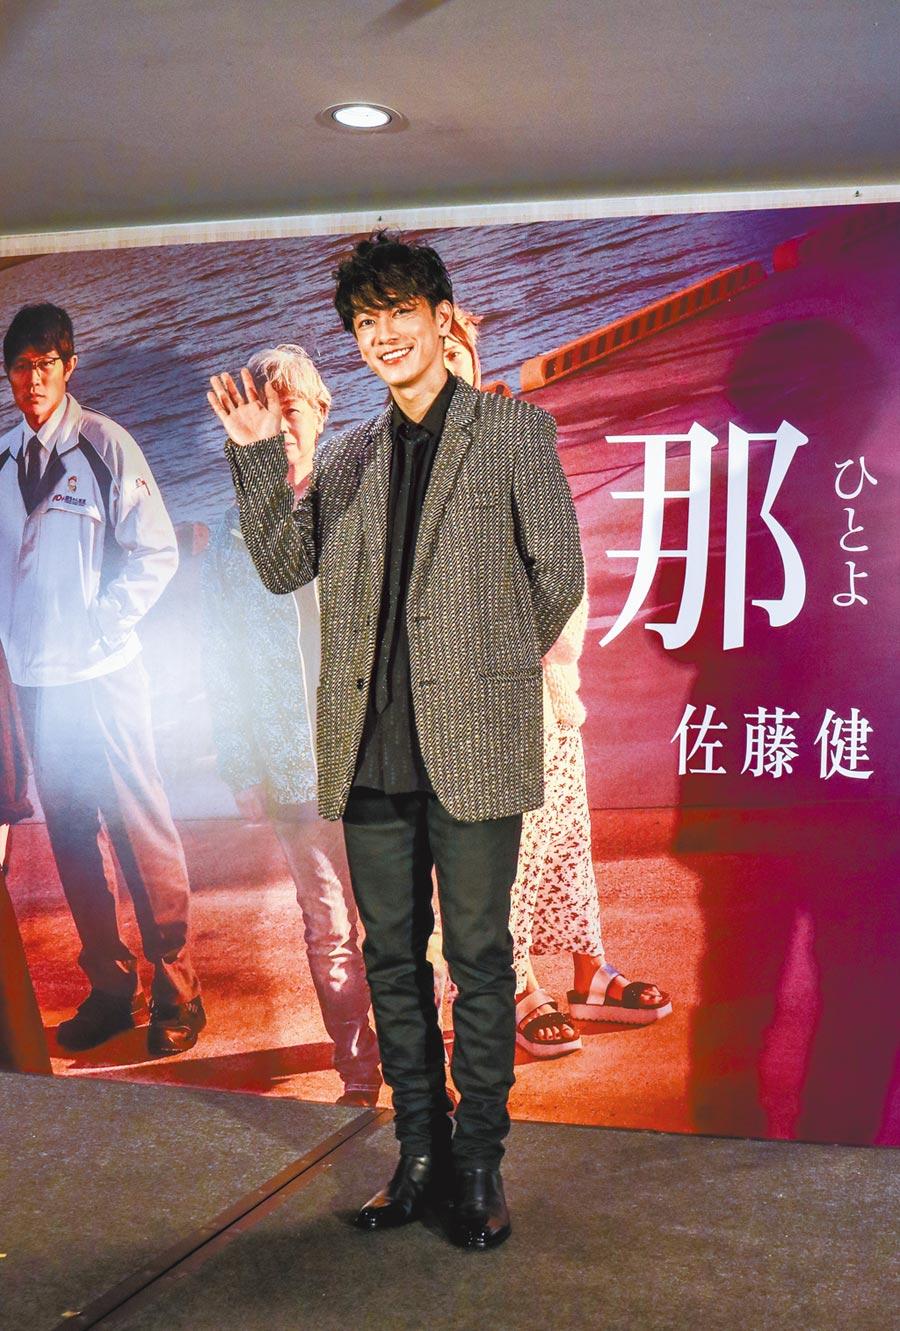 佐藤健來台展開電影宣傳行程,昨在記者會上分享跟劇組合作經驗。(天馬行空提供)